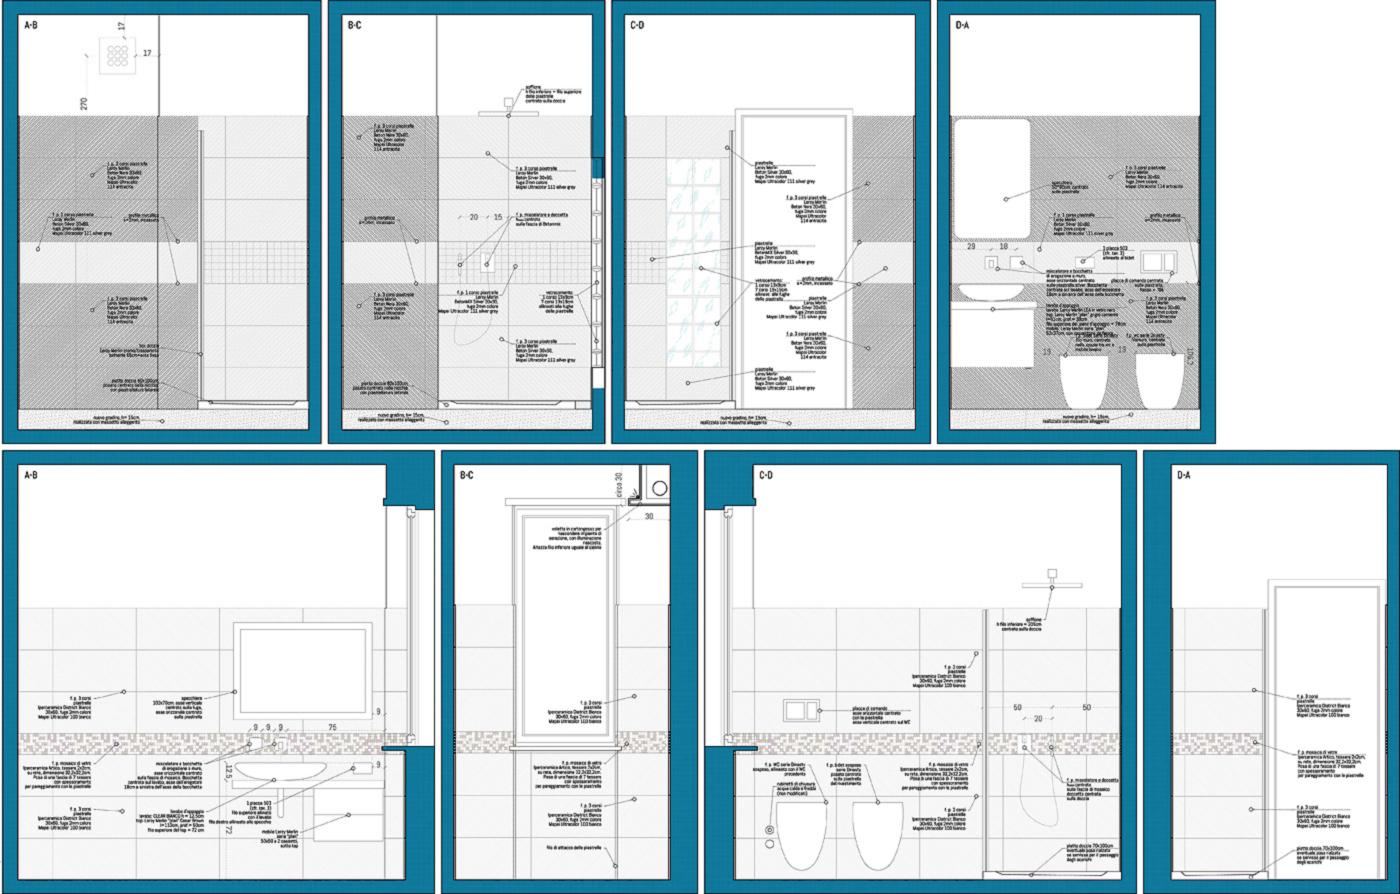 Una ristrutturazione che moltiplica gli spazi in un'appartamento degli anni '70. Disegni di dettaglio | Bottega di Architettura